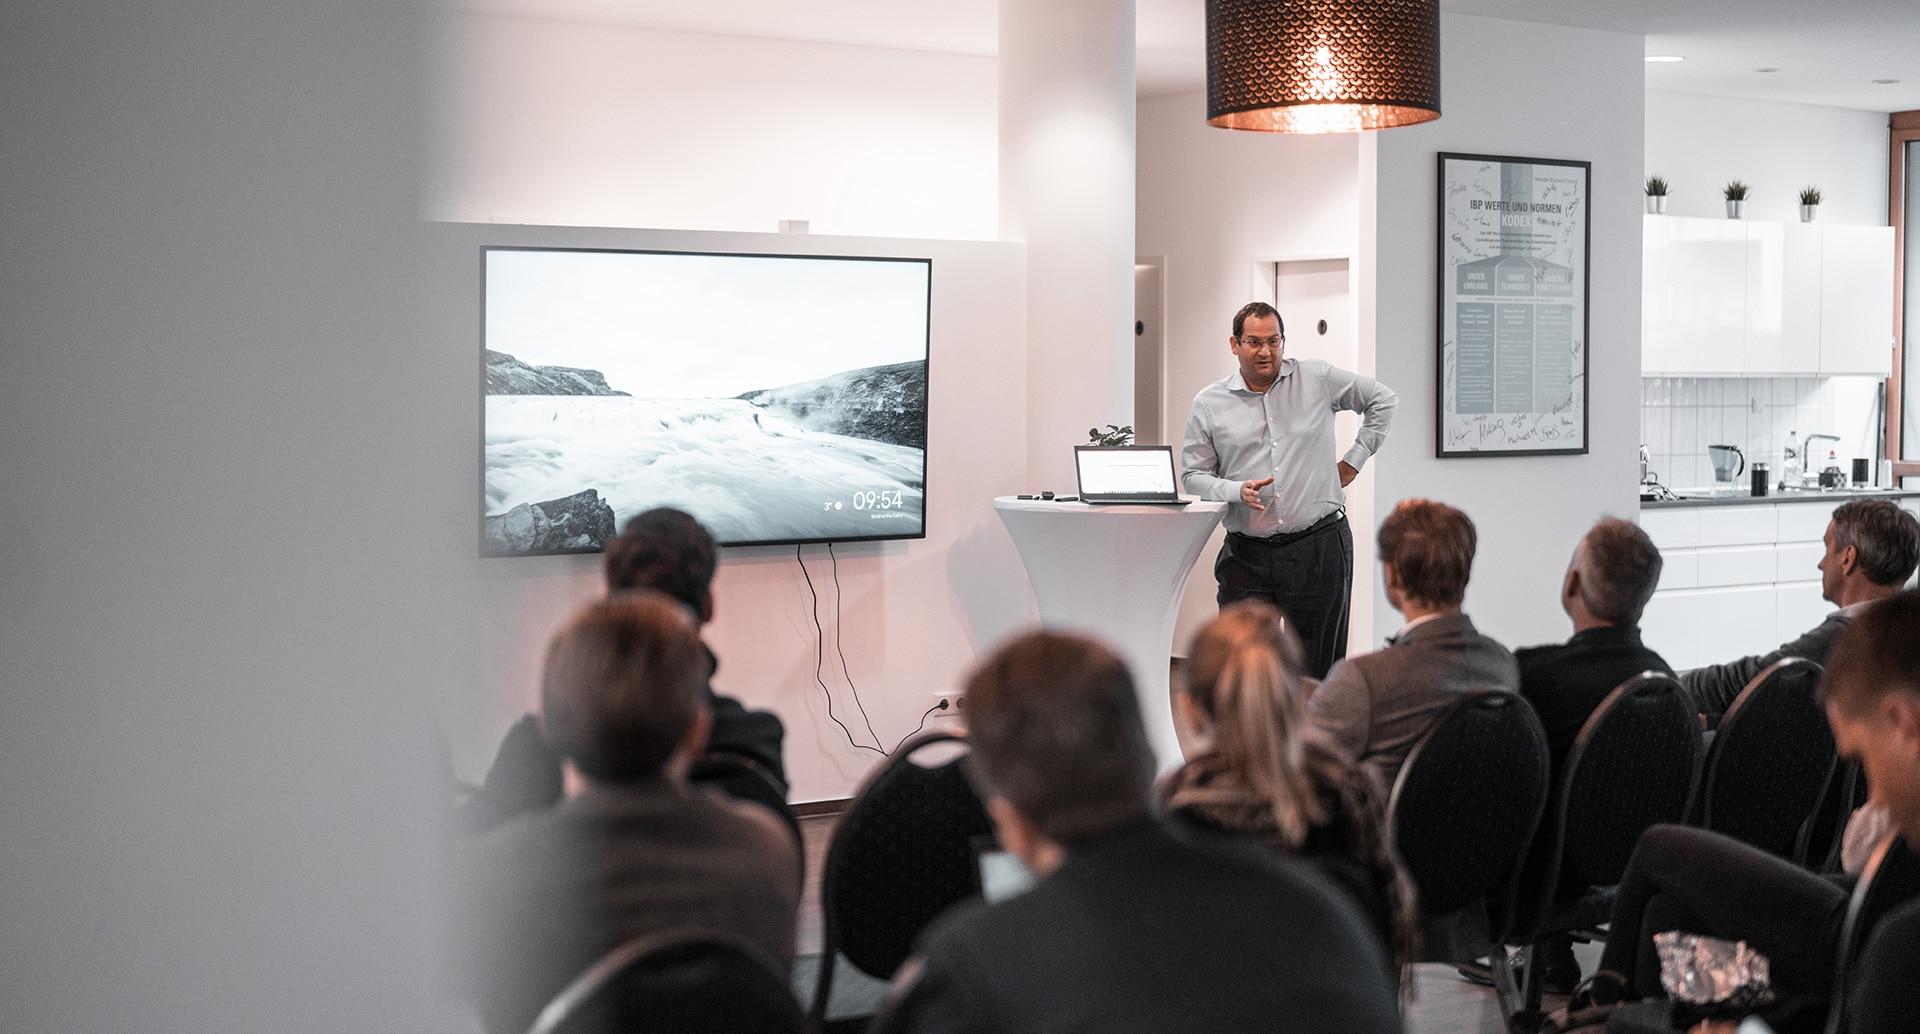 Vortrag von Armin Iskander bei der Unternehmensberatung München